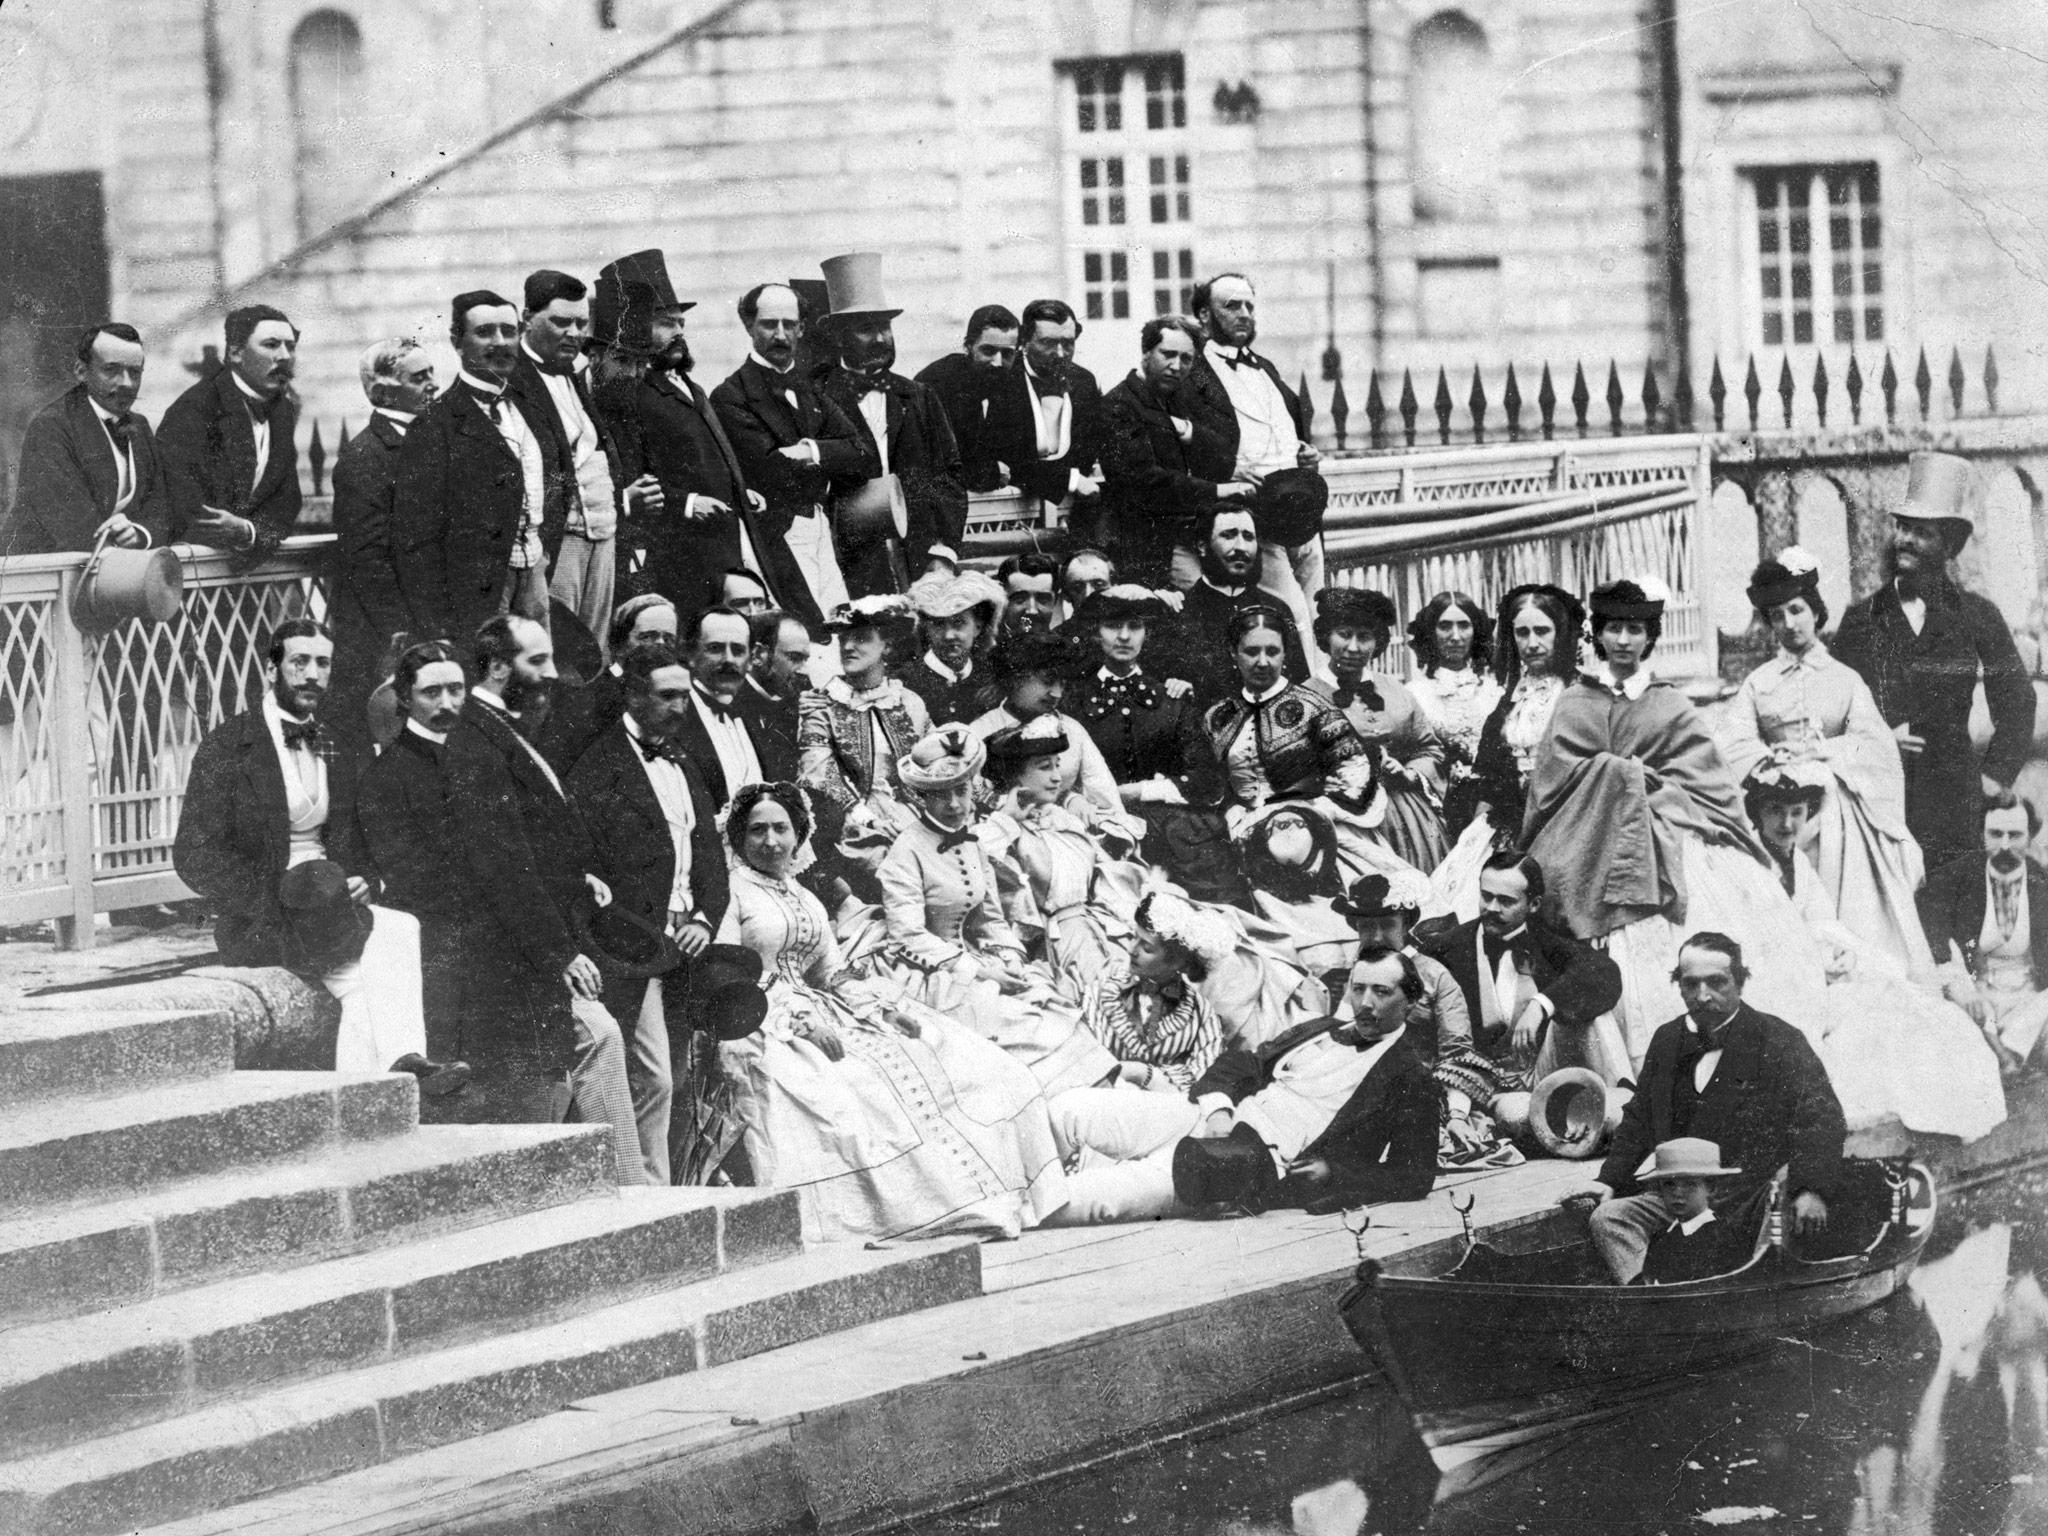 1860. III. Napoleon fiával (csónakban) és udvartartásával Fontainebleau-ben Párizsban..jpg